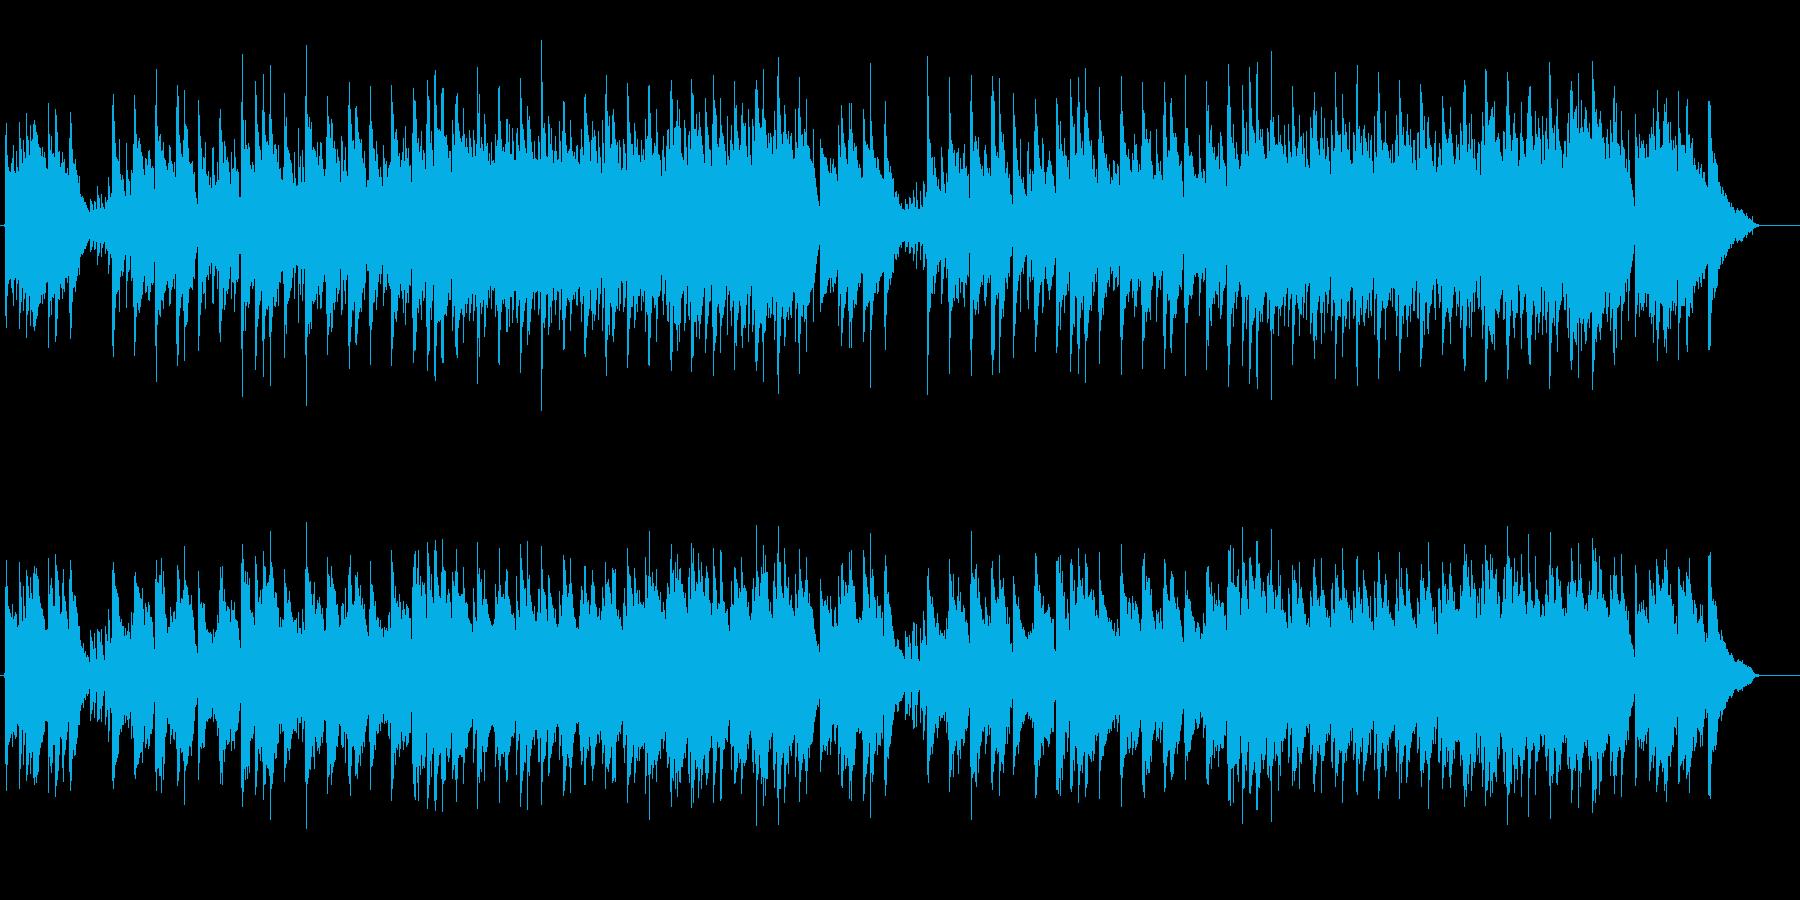 絵画的なオリエンタル・ミュージックの再生済みの波形